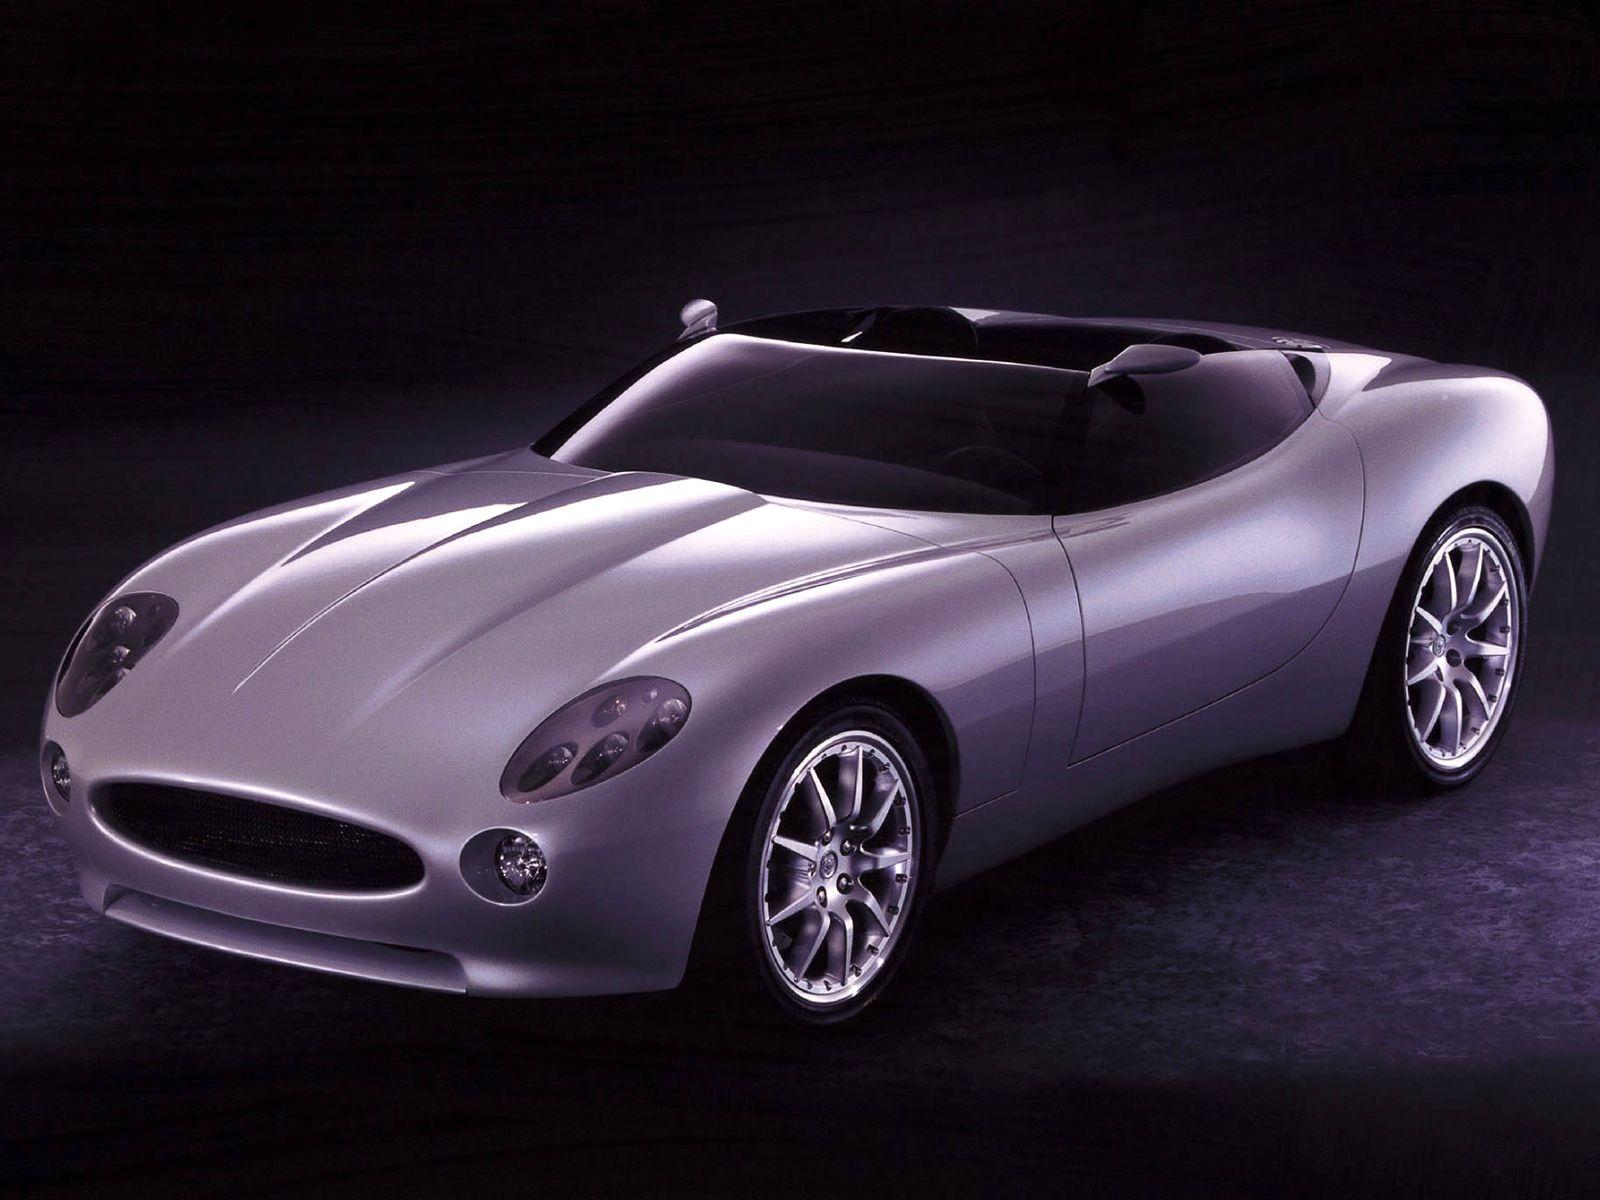 Subaru Dealer Near Me >> Jaguar F-Type Concept (2000) - Old Concept Cars